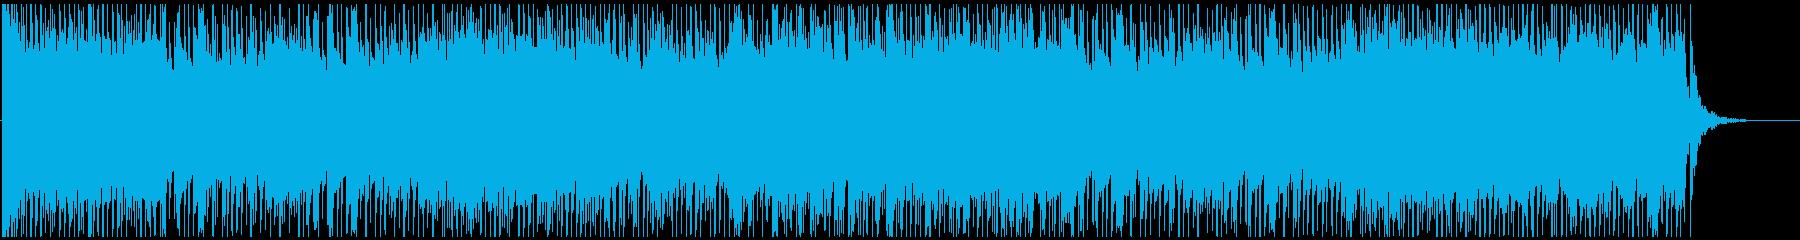 軽快で穏やかなビブラフォンのBGM曲の再生済みの波形